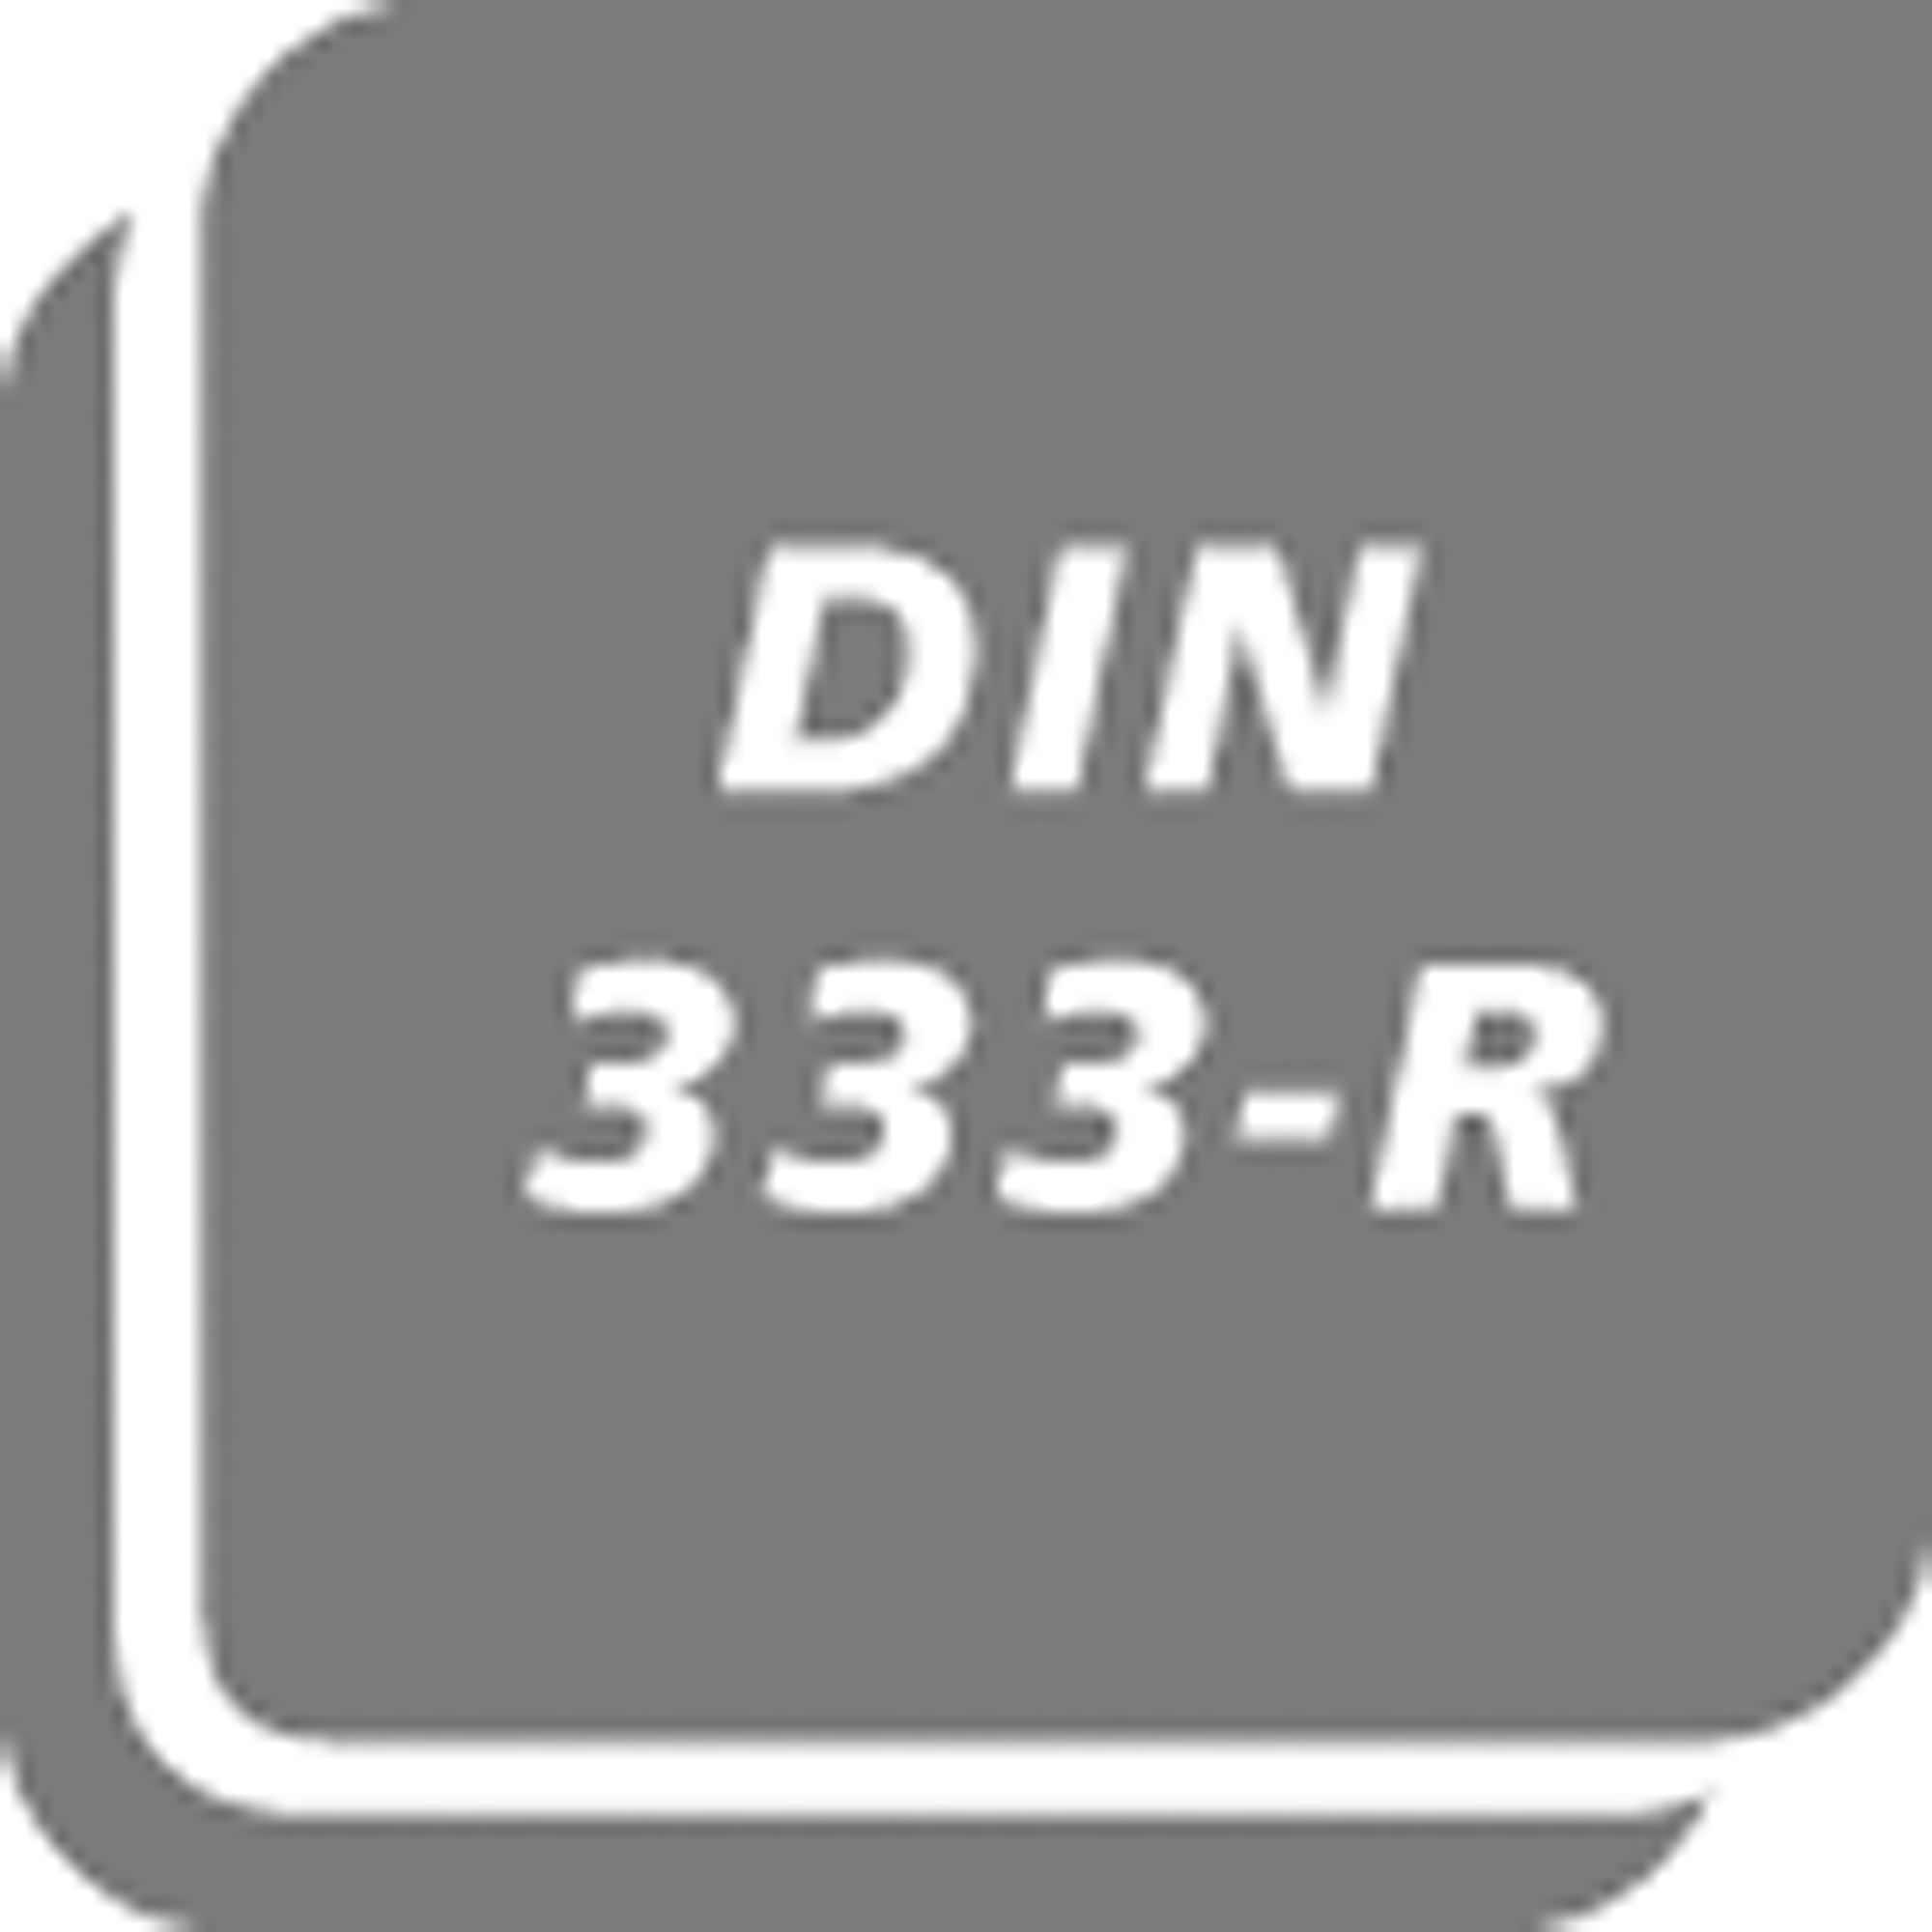 Zentrierbohrer HSS DIN 333-R 2,00mm 60 Grad rechts